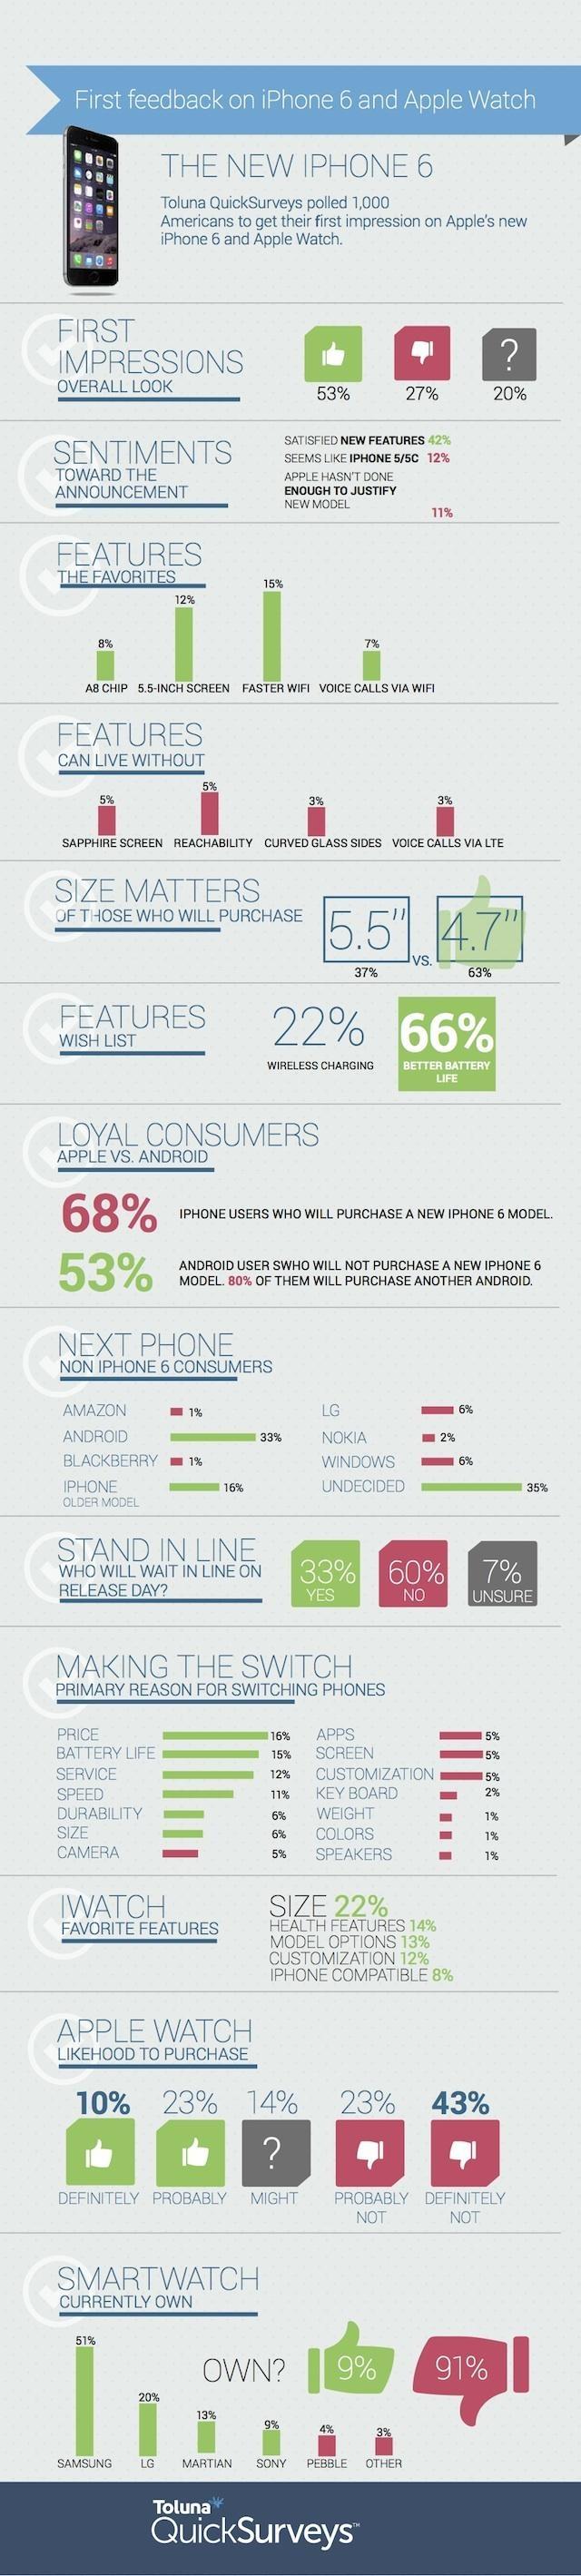 Apple Watch : la plupart des gens n'en veulent pas selon un sondage